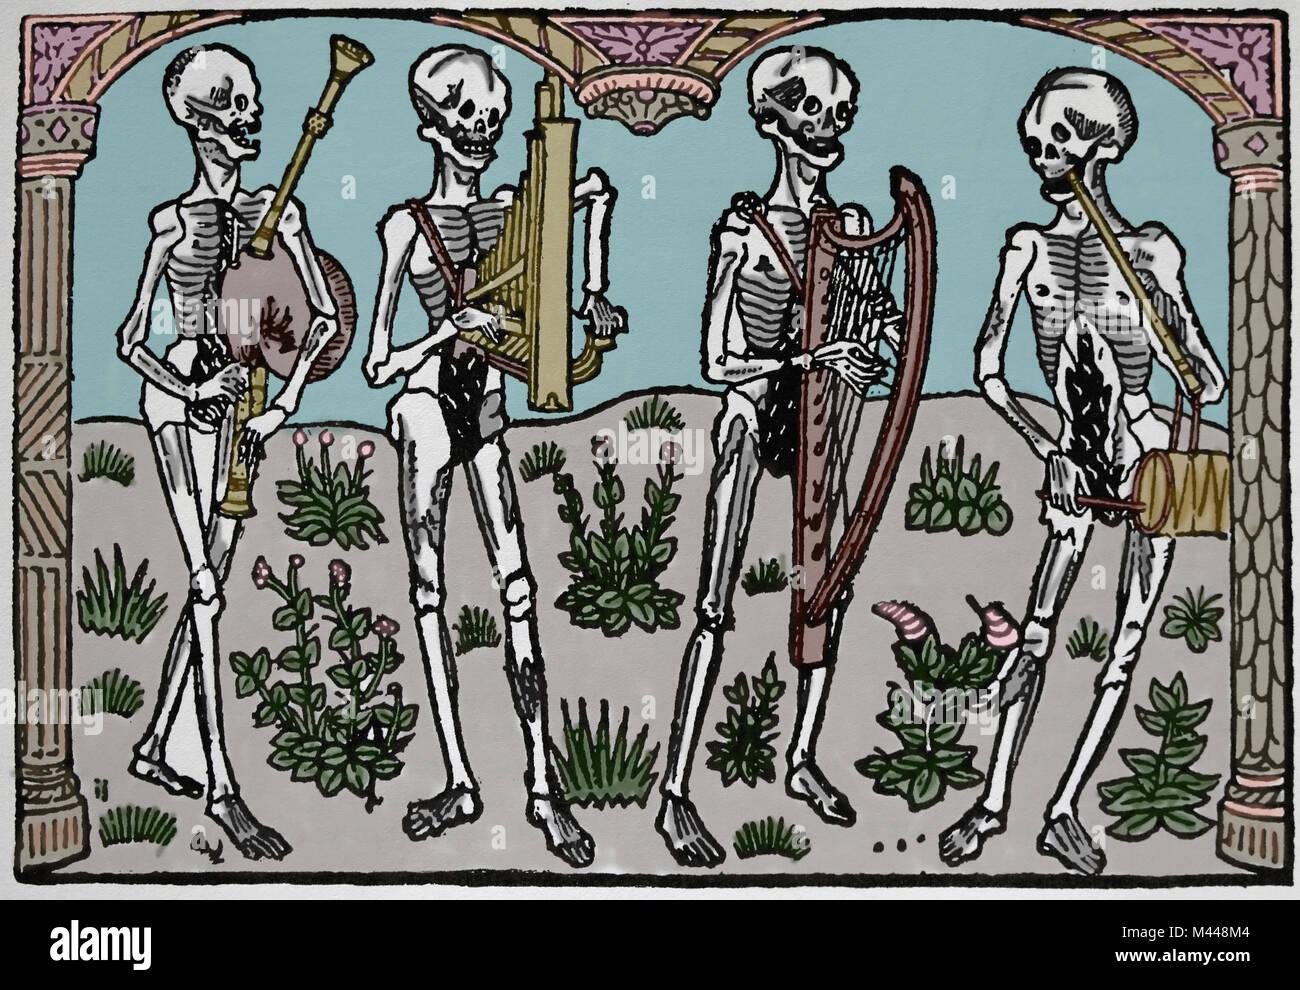 Tanz Orchester des Todes. Gedruckt von Nicolas Le Rouge, 1496. Frankreich. Stockbild